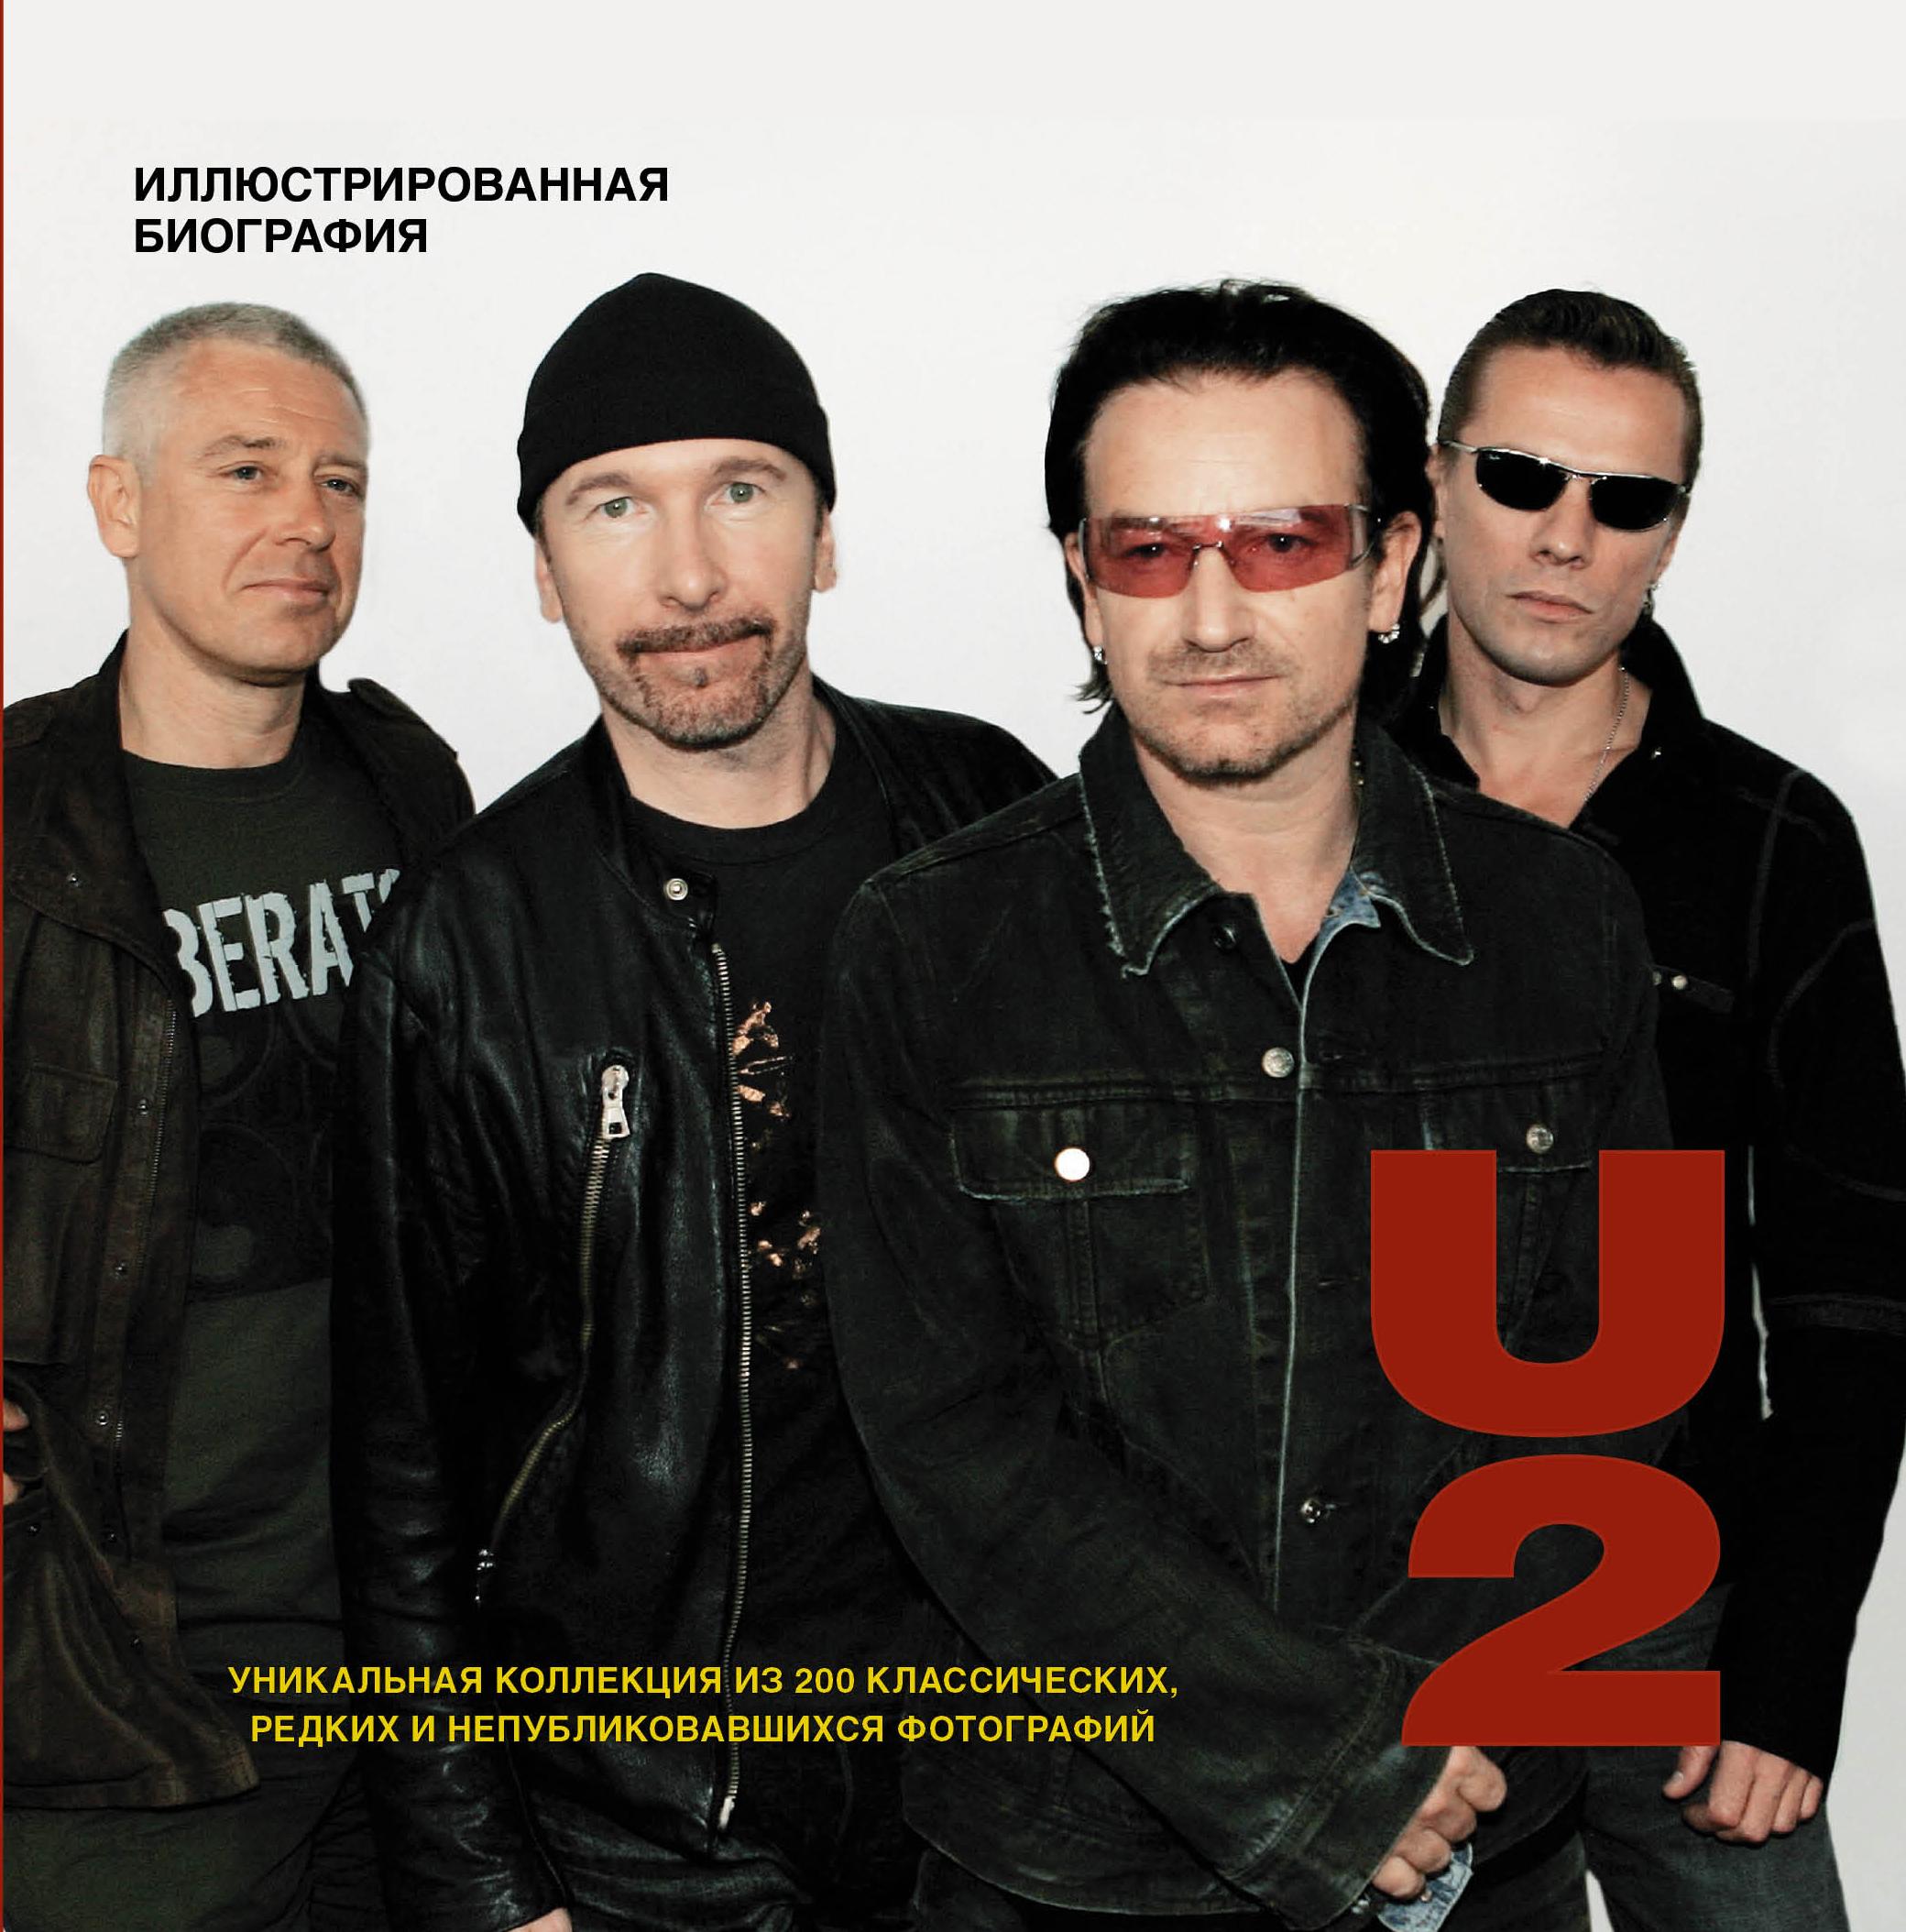 U2. Иллюстрированная биография